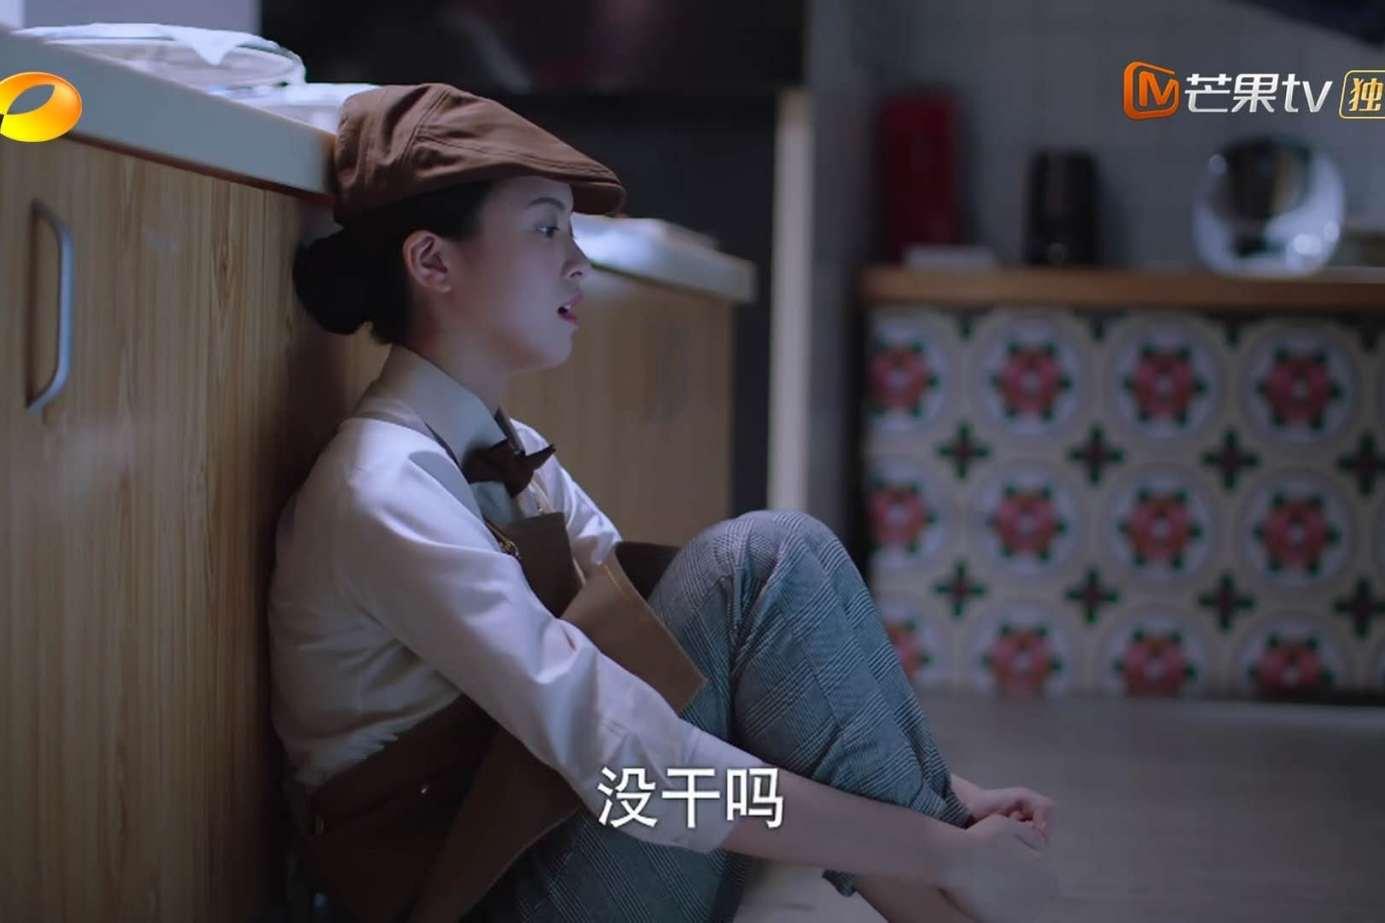 小橙子愛上子秋,倒戈幫助李尖尖,唐燦一打扮,莊北看呆移情別戀-圖4